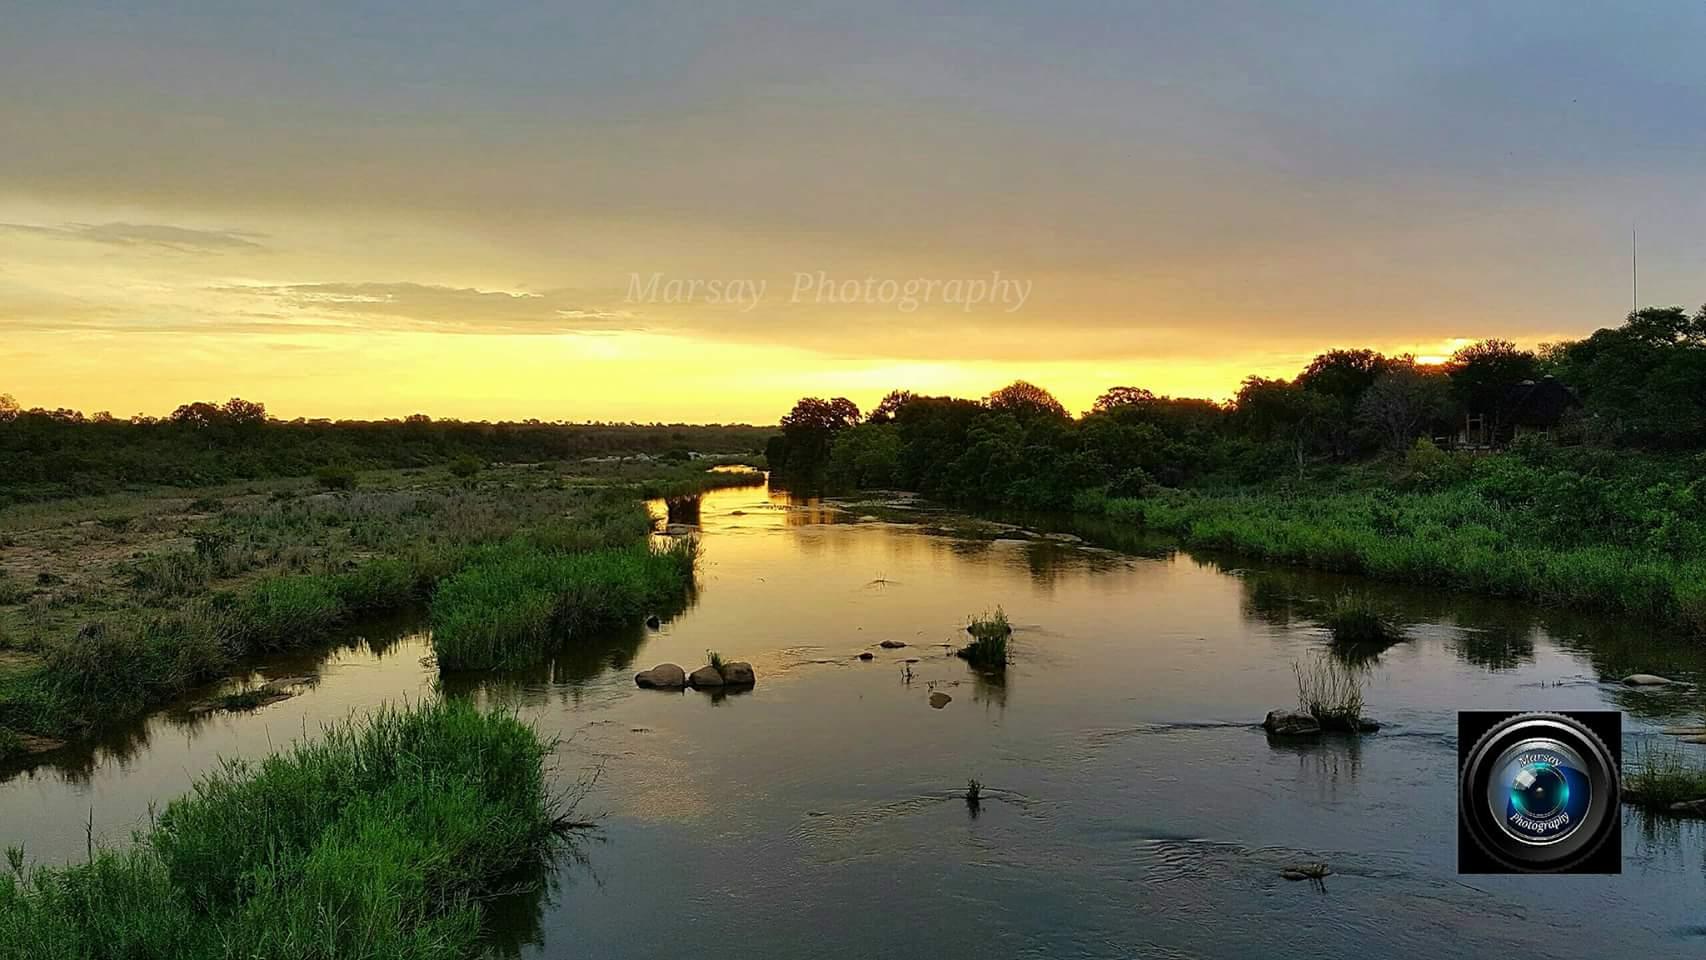 Sunset over Sabie River in Kruger National Park, December 2016